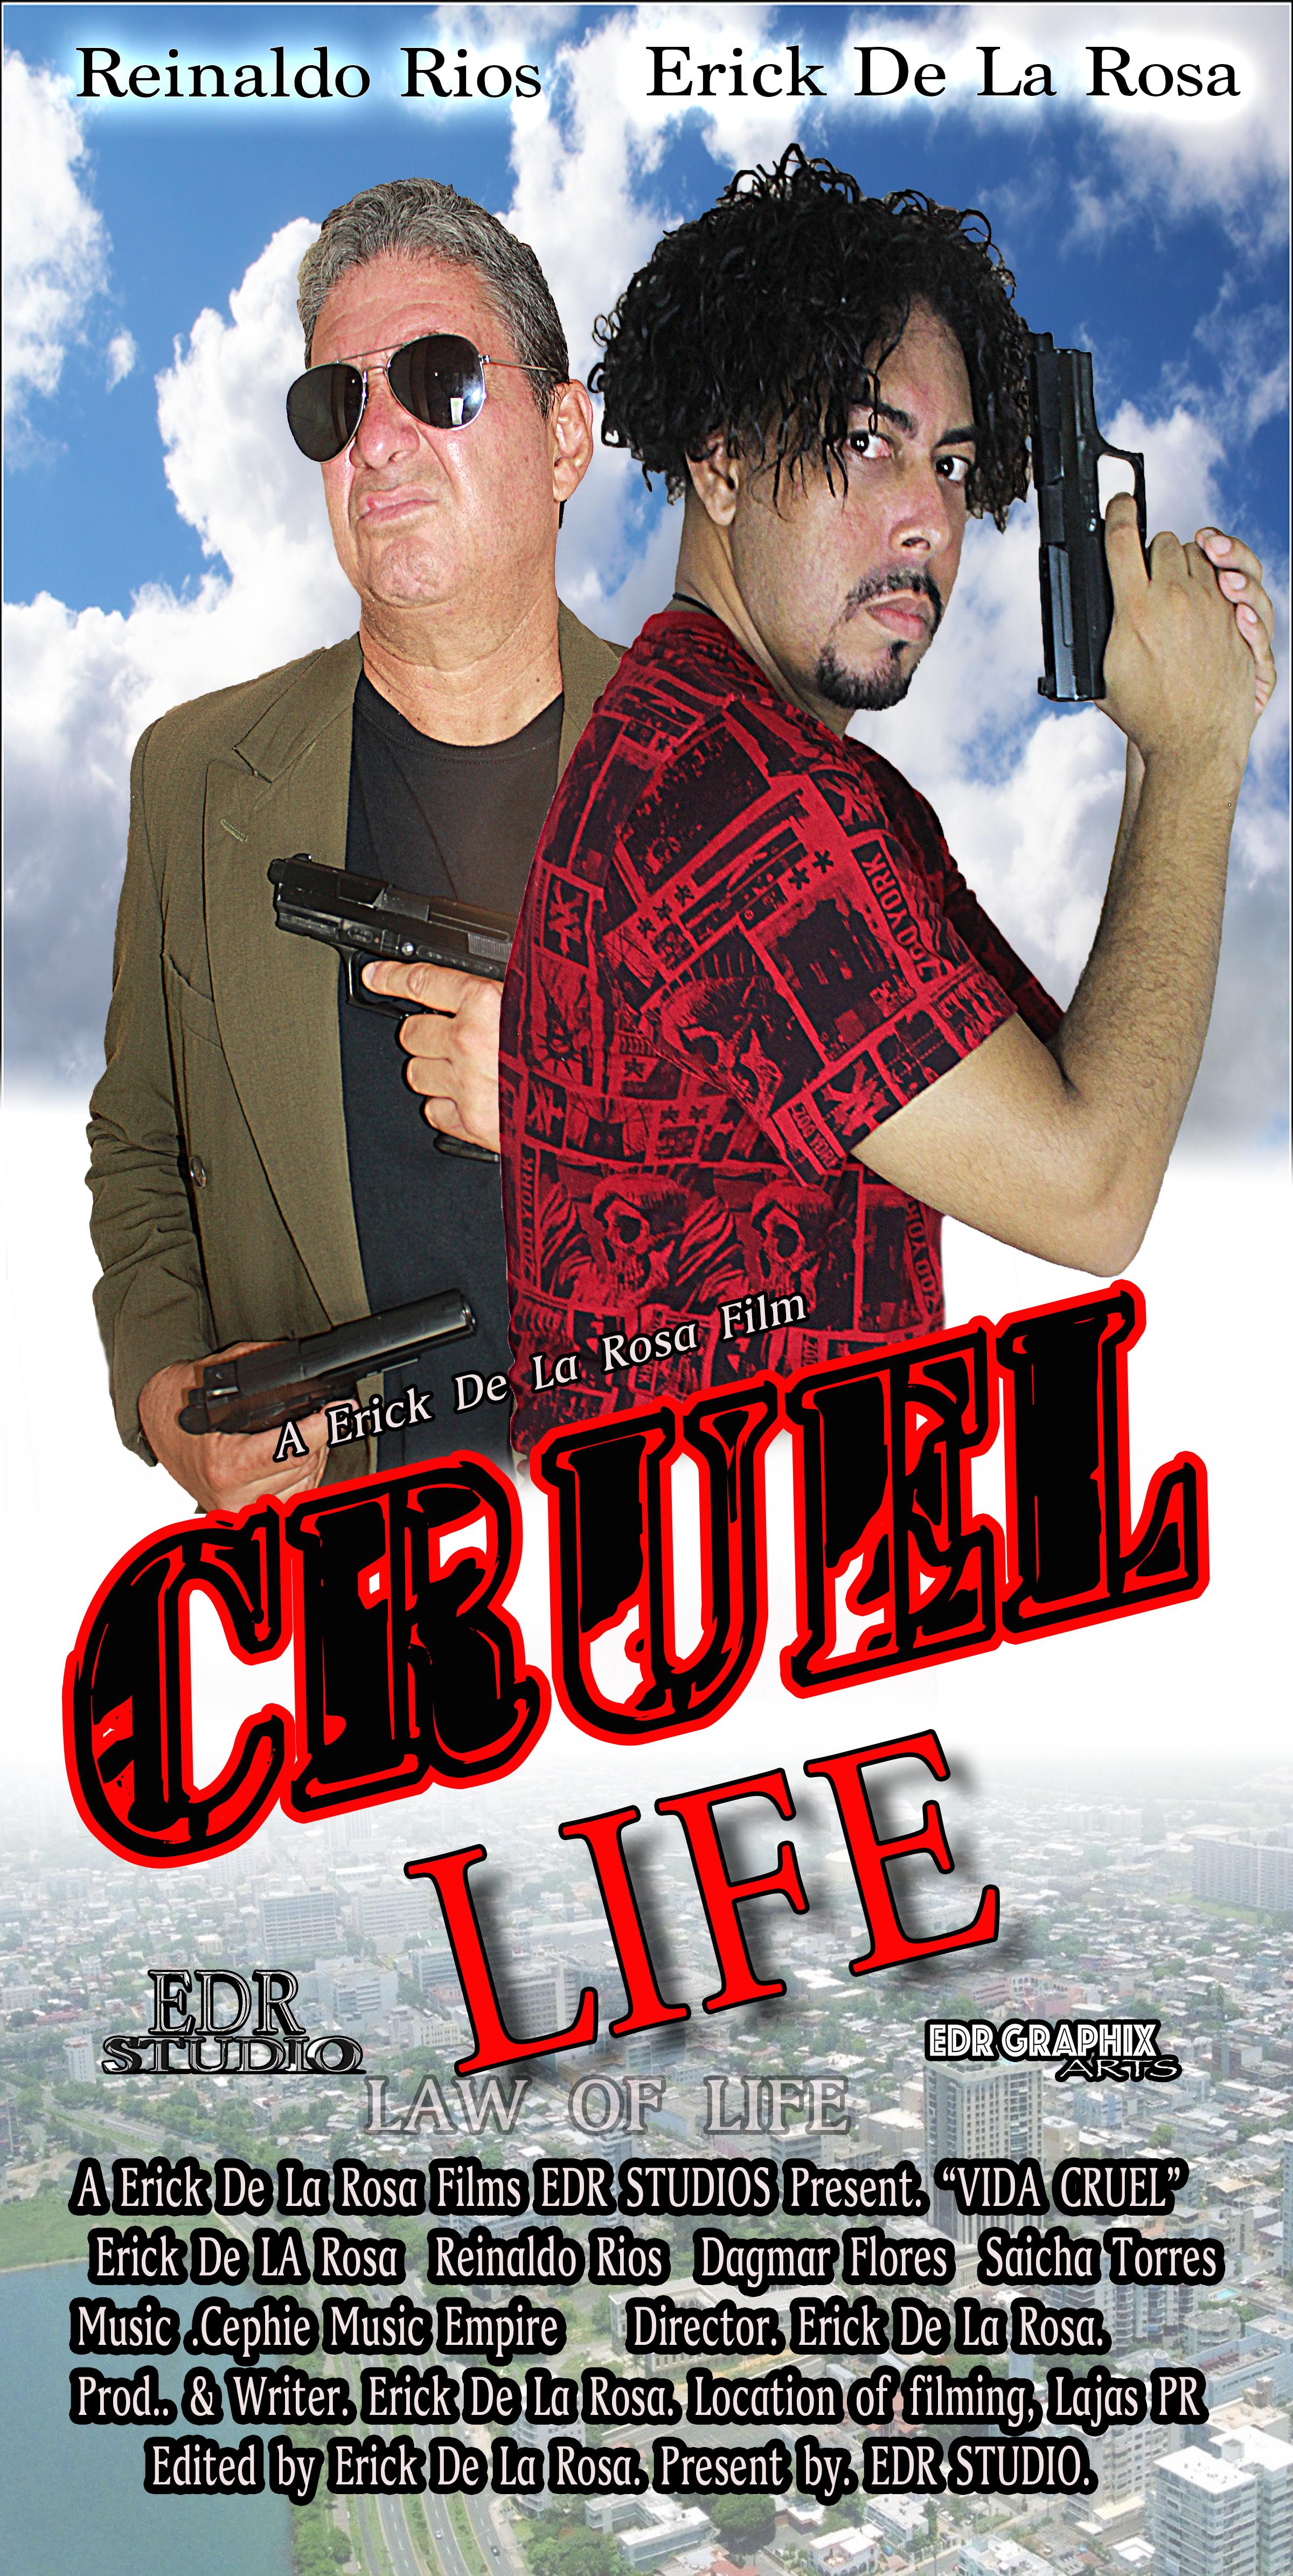 Vida Cruel